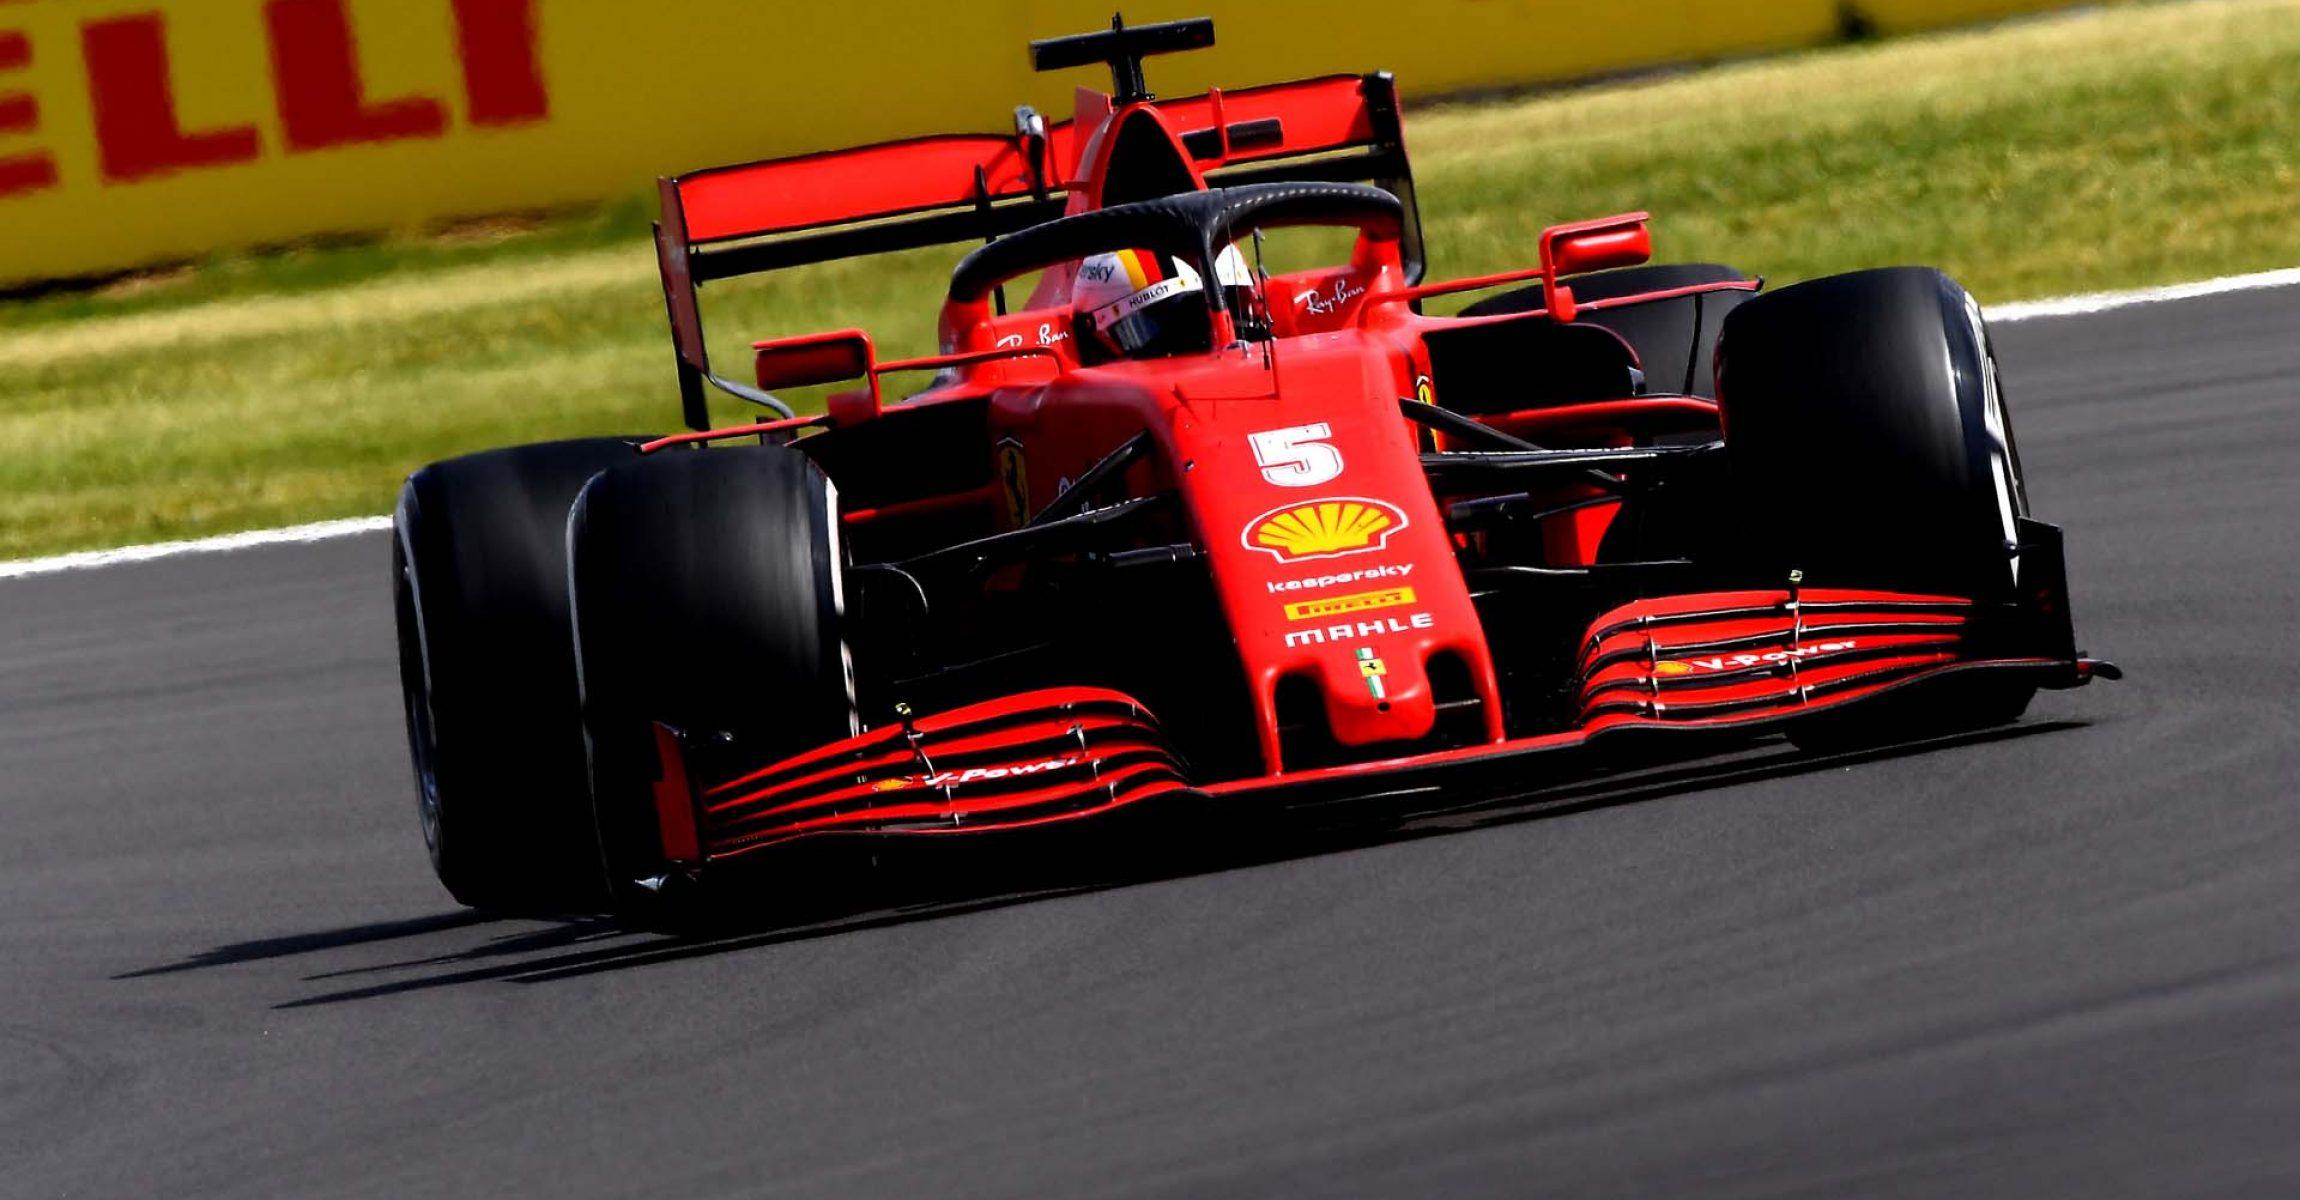 GP GRAN BRETAGNA  F1/2020 -  DOMENICA 02/08/2020  credit: @Scuderia Ferrari Press Office Sebastian Vettel